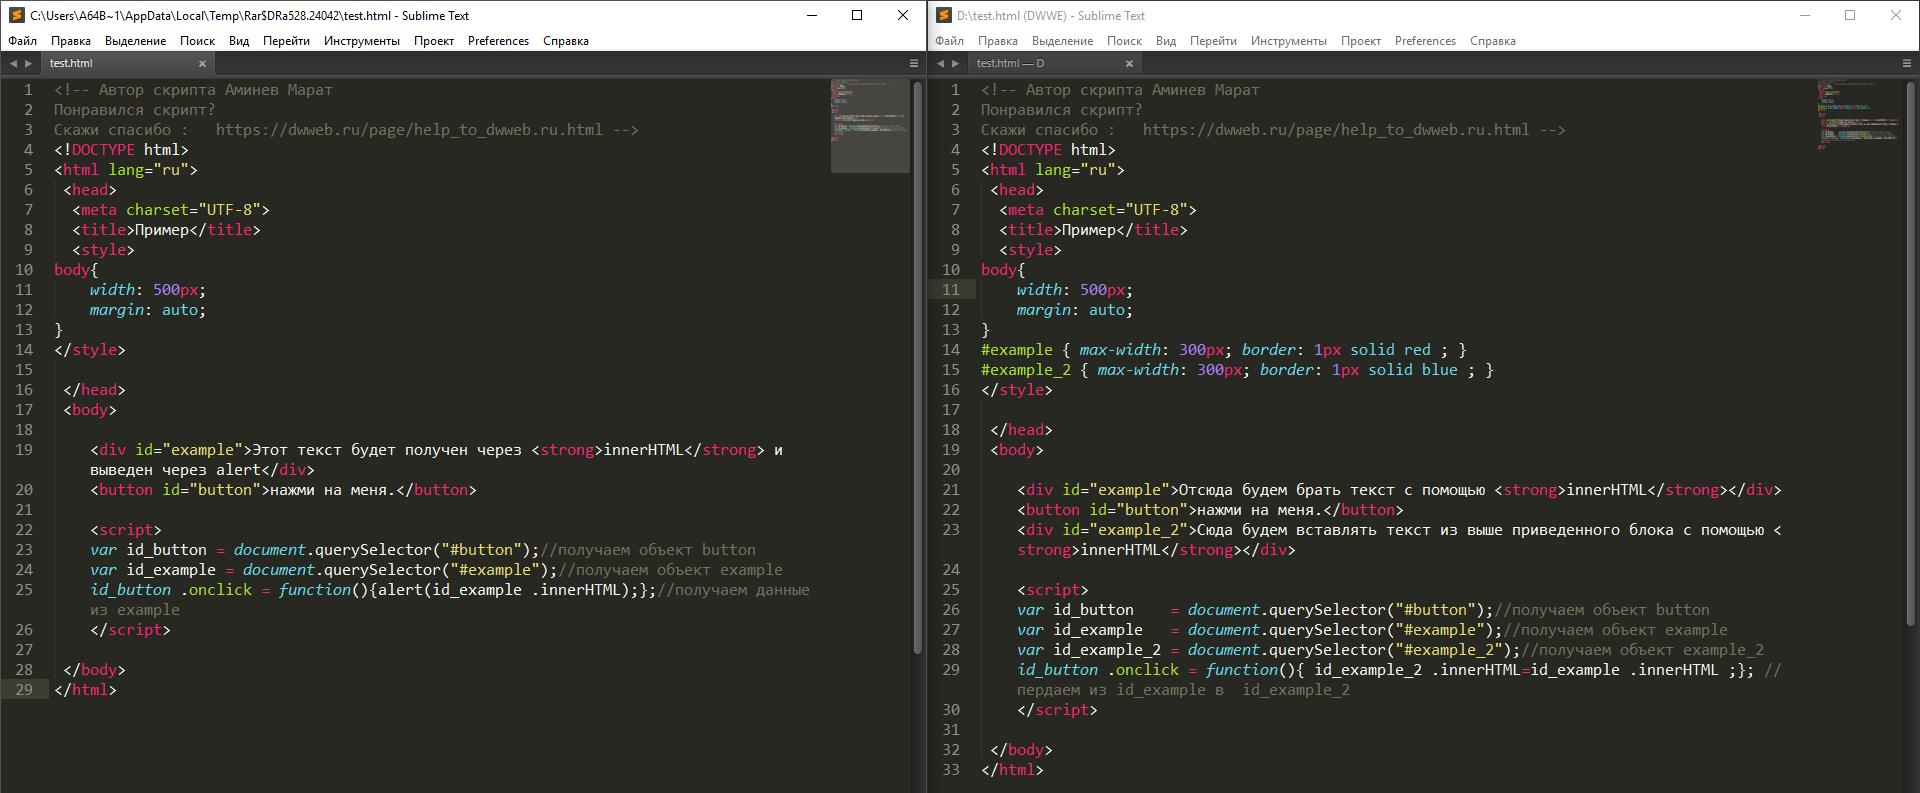 Получить данные с помощью innerHTML и передать в другой блок с помощью innerHTML